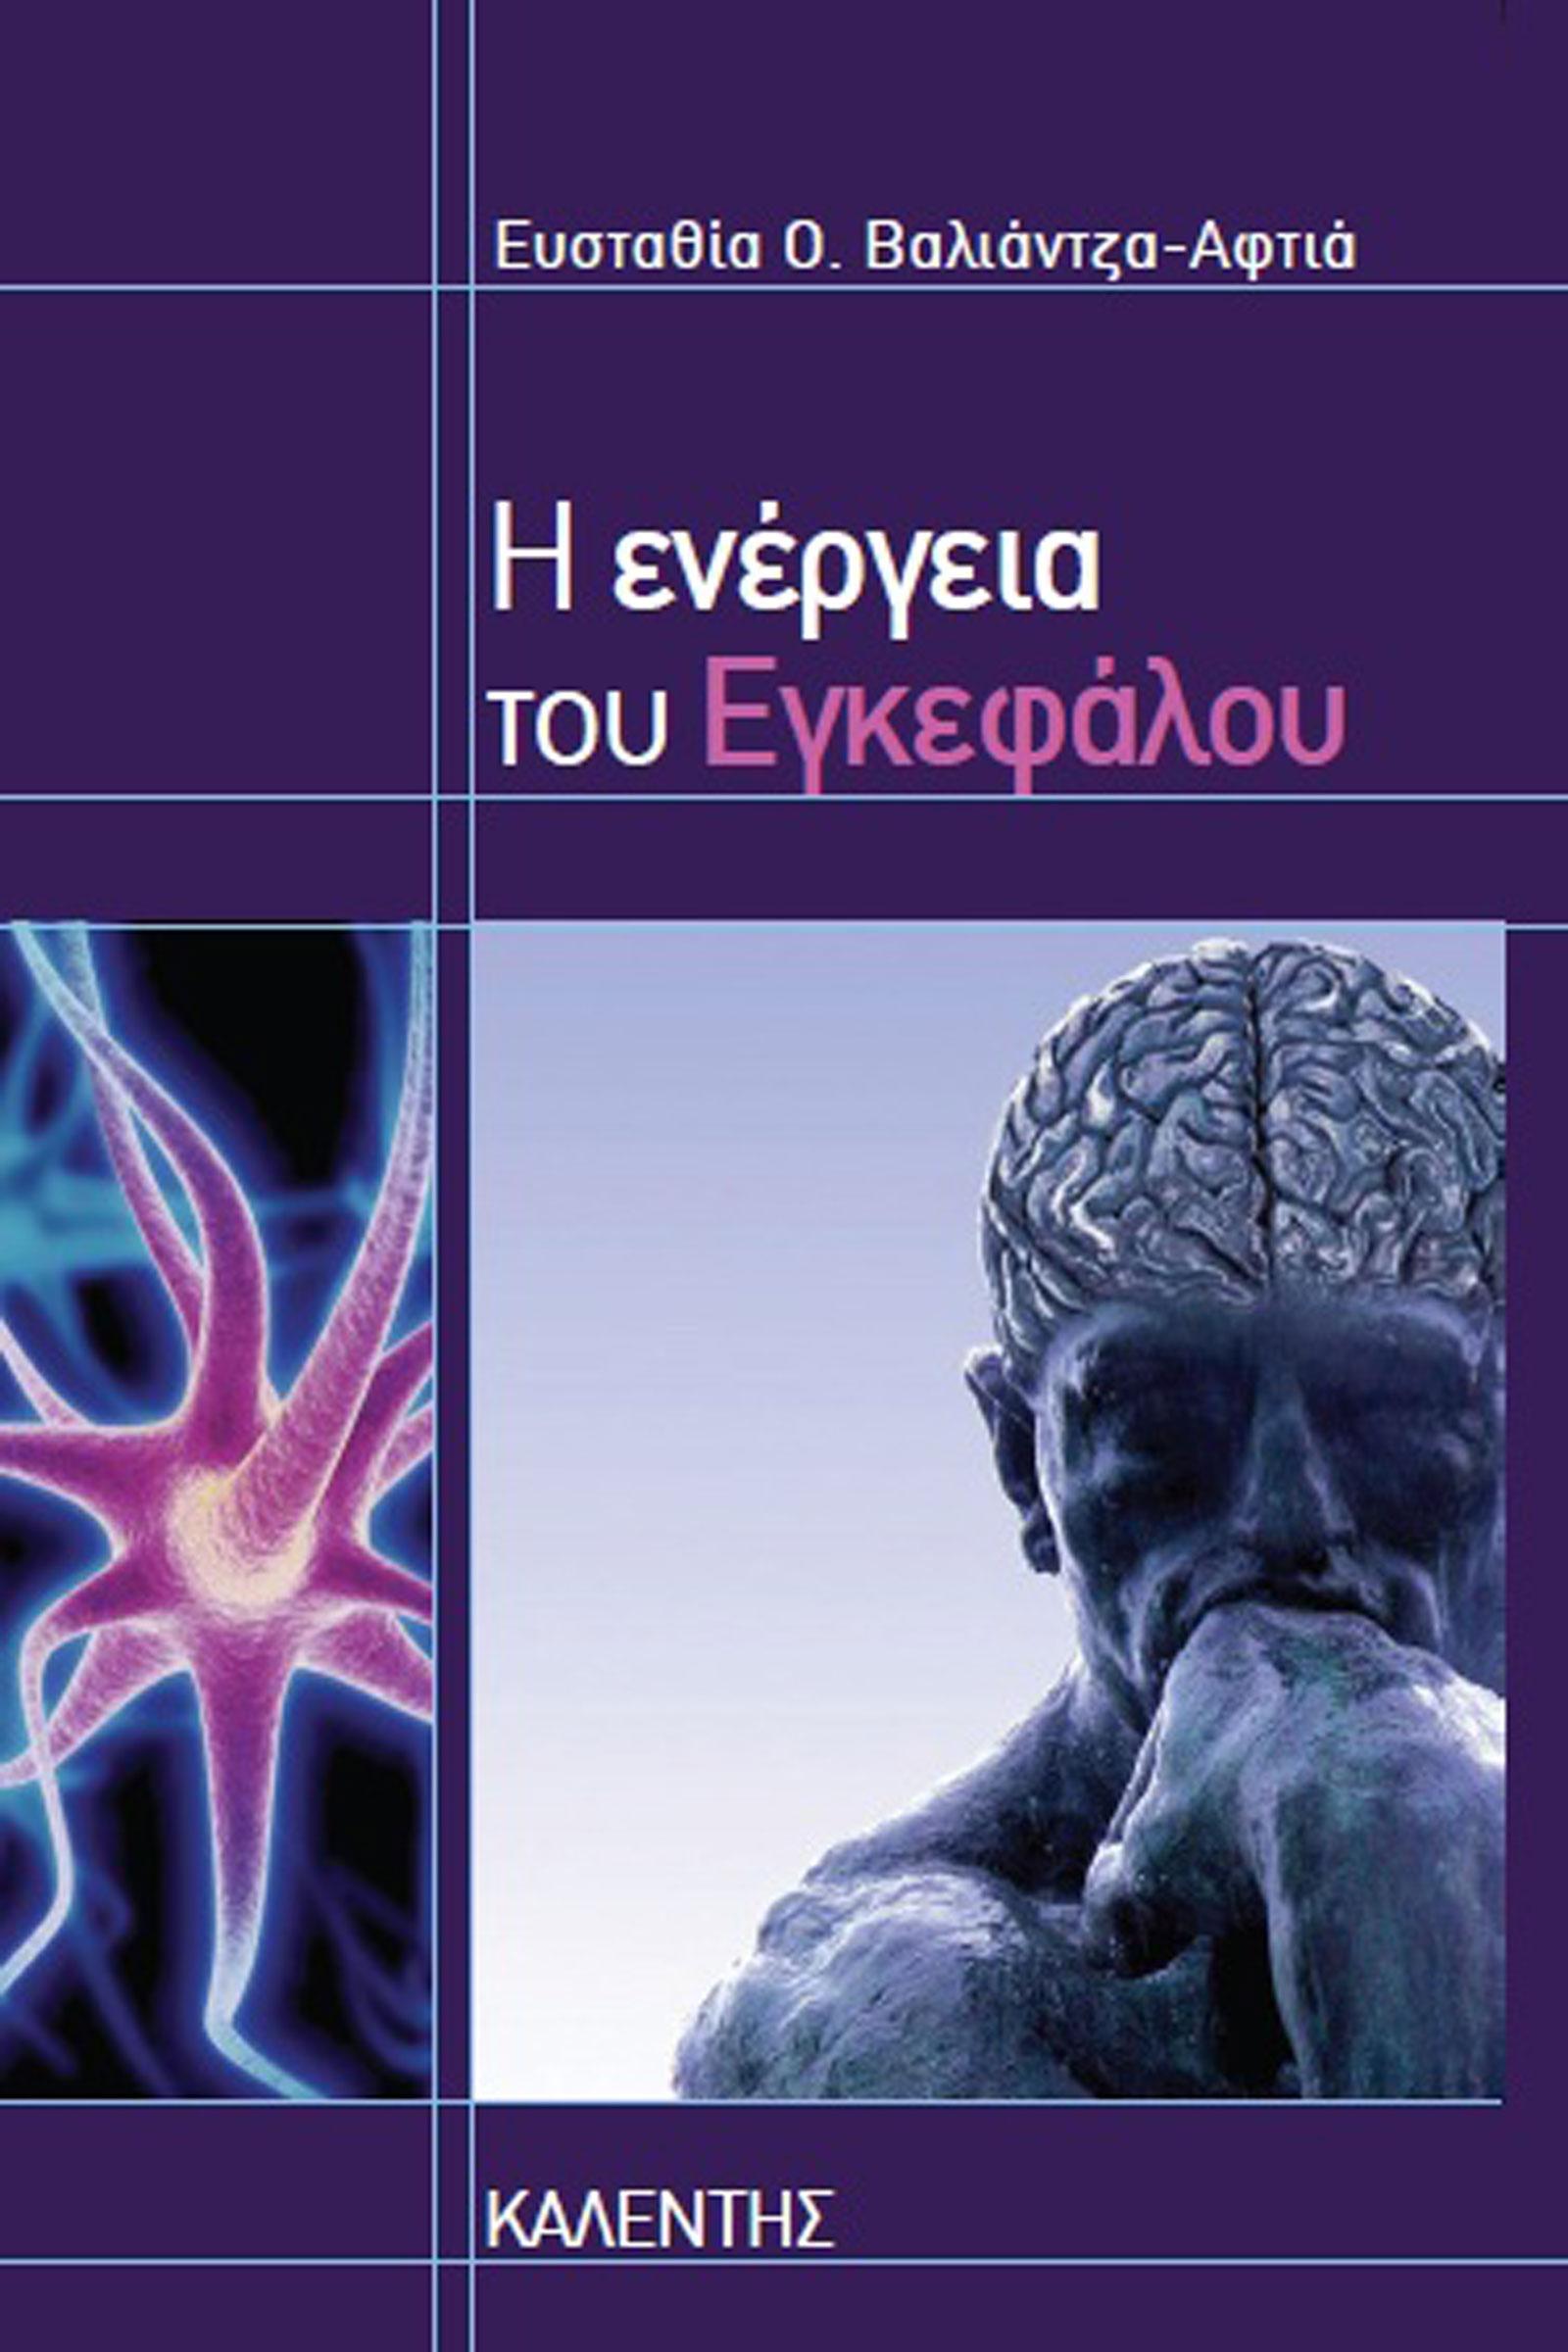 Η ενέργεια του Εγκεφάλου